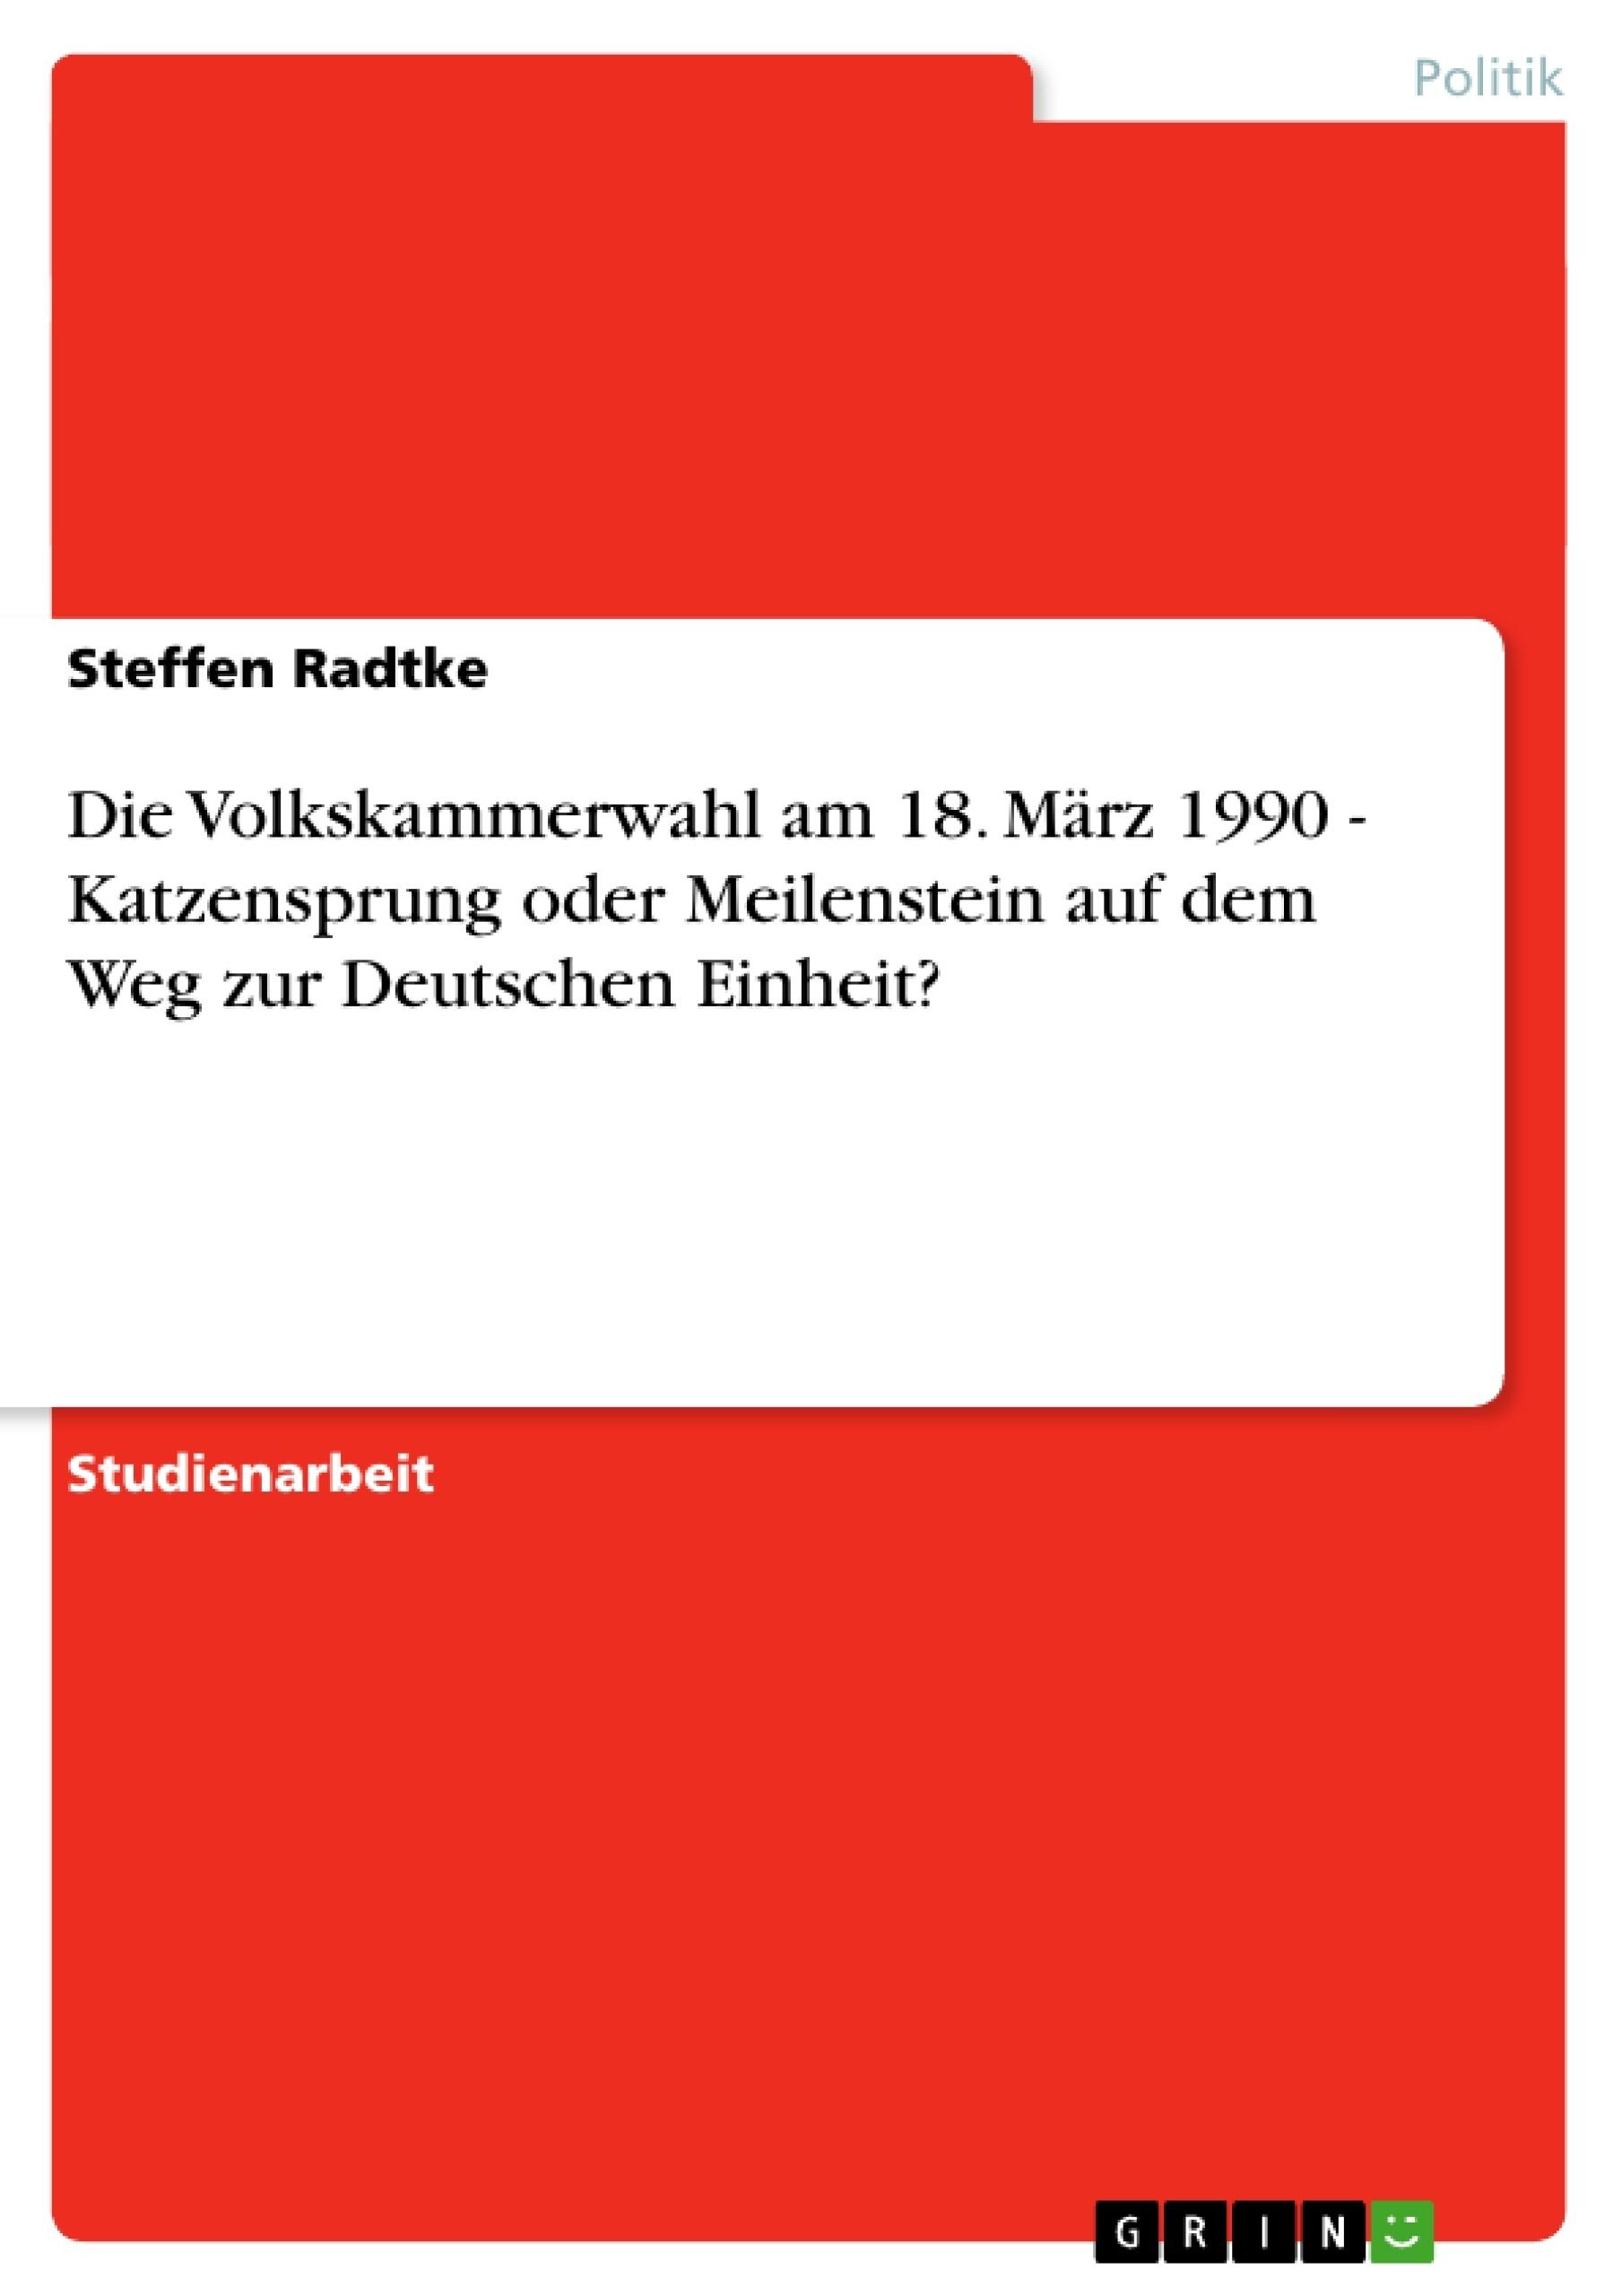 Titel: Die Volkskammerwahl am 18. März 1990 - Katzensprung oder Meilenstein auf dem Weg zur Deutschen Einheit?